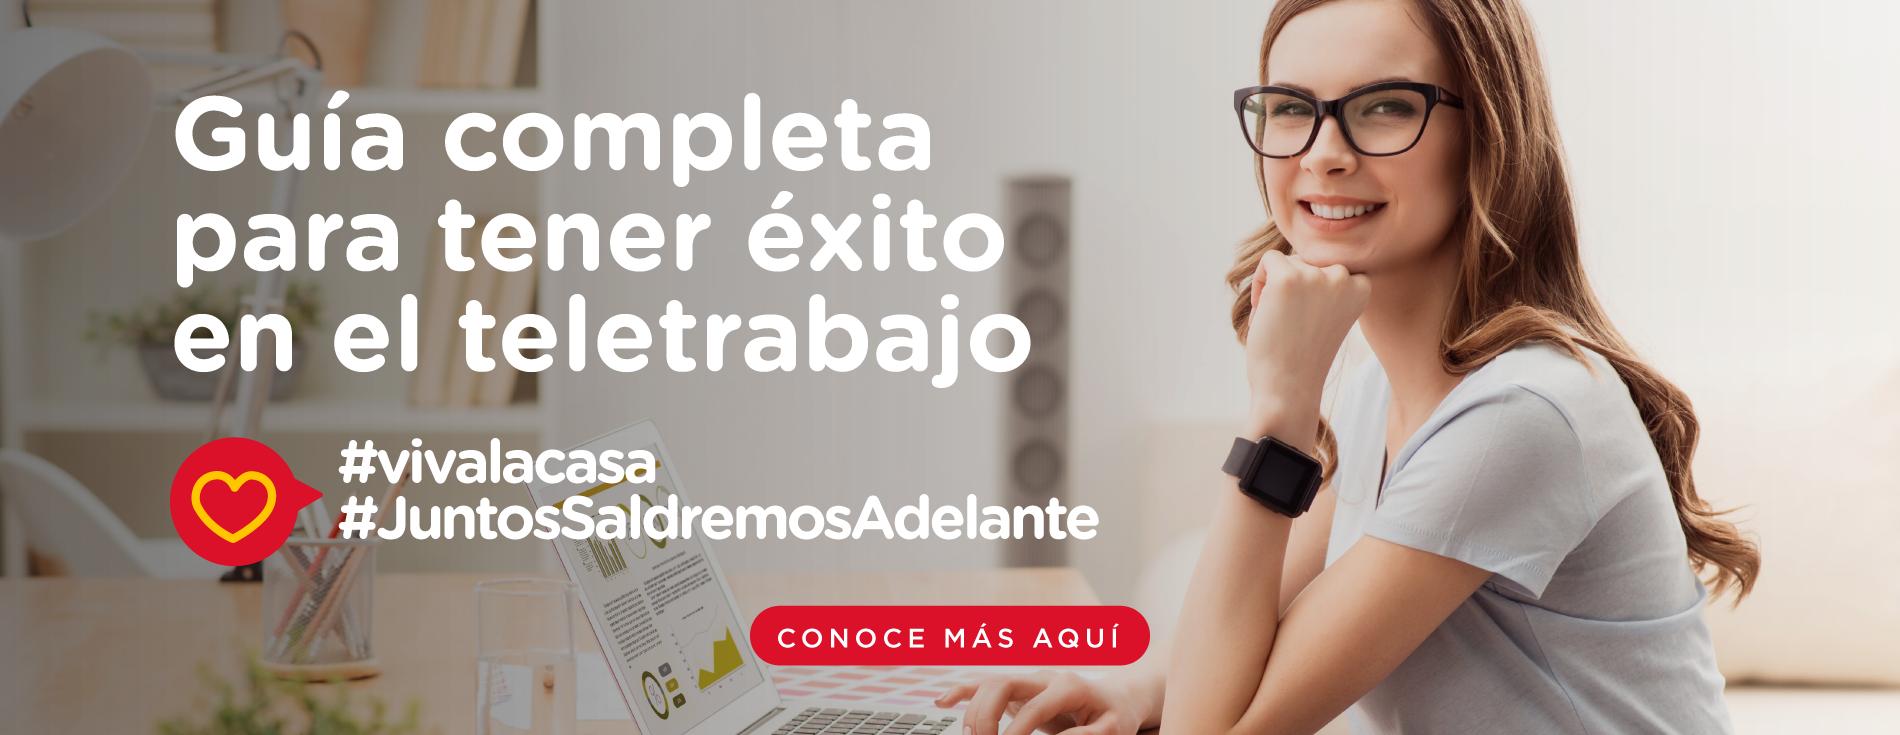 Guía completa para tener éxito en el teletrabajo. -  Villavicencio